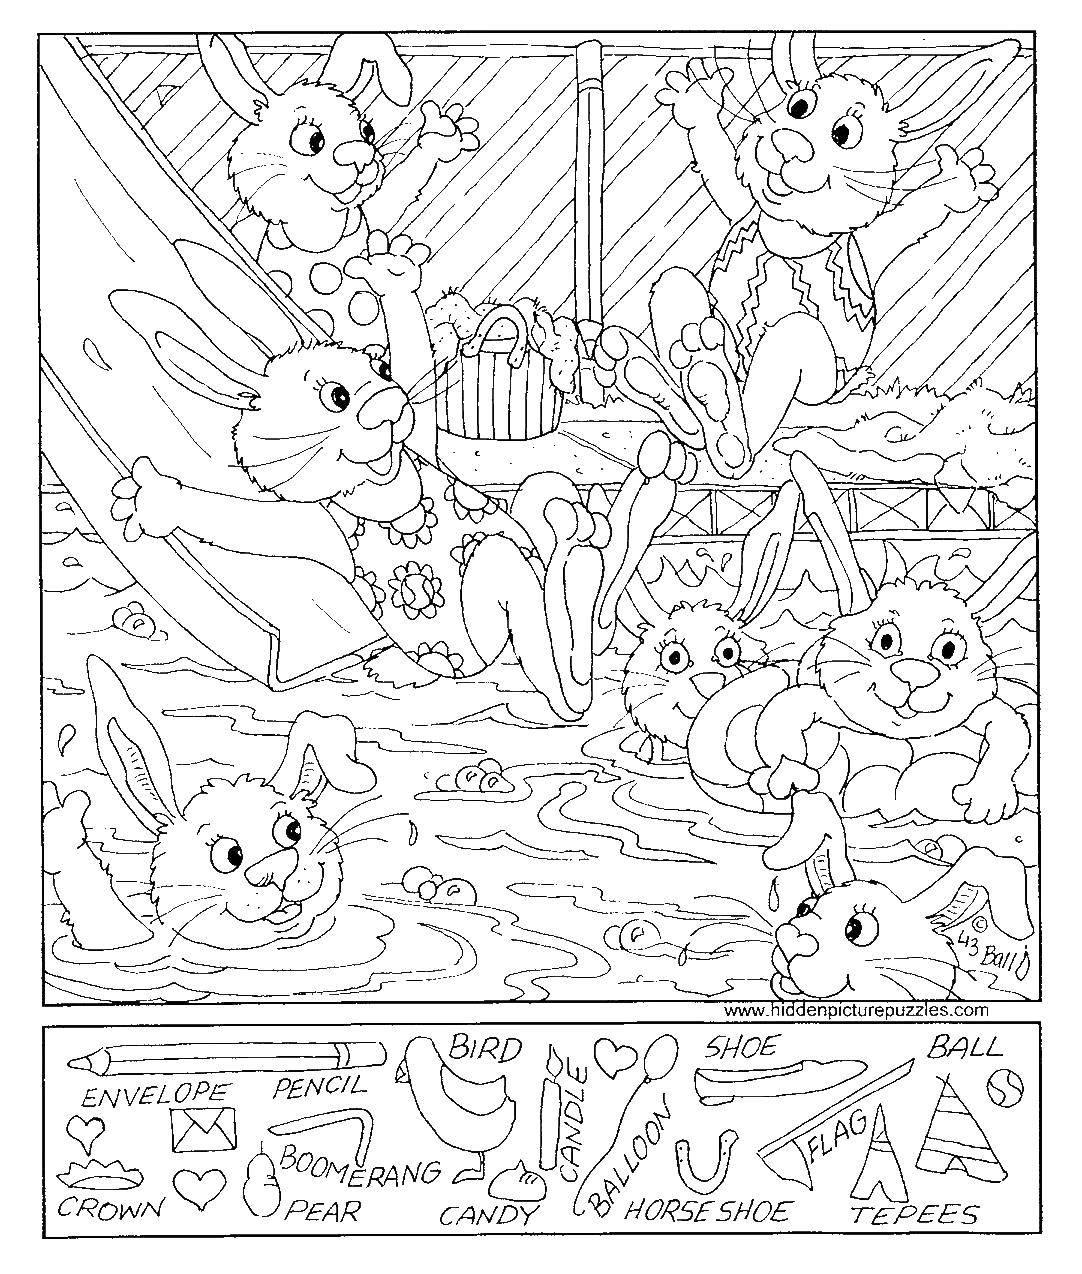 Название: Раскраска Кролики в аквапарке. Категория: Найди предметы. Теги: кролики, горка, бассейн, купальники.